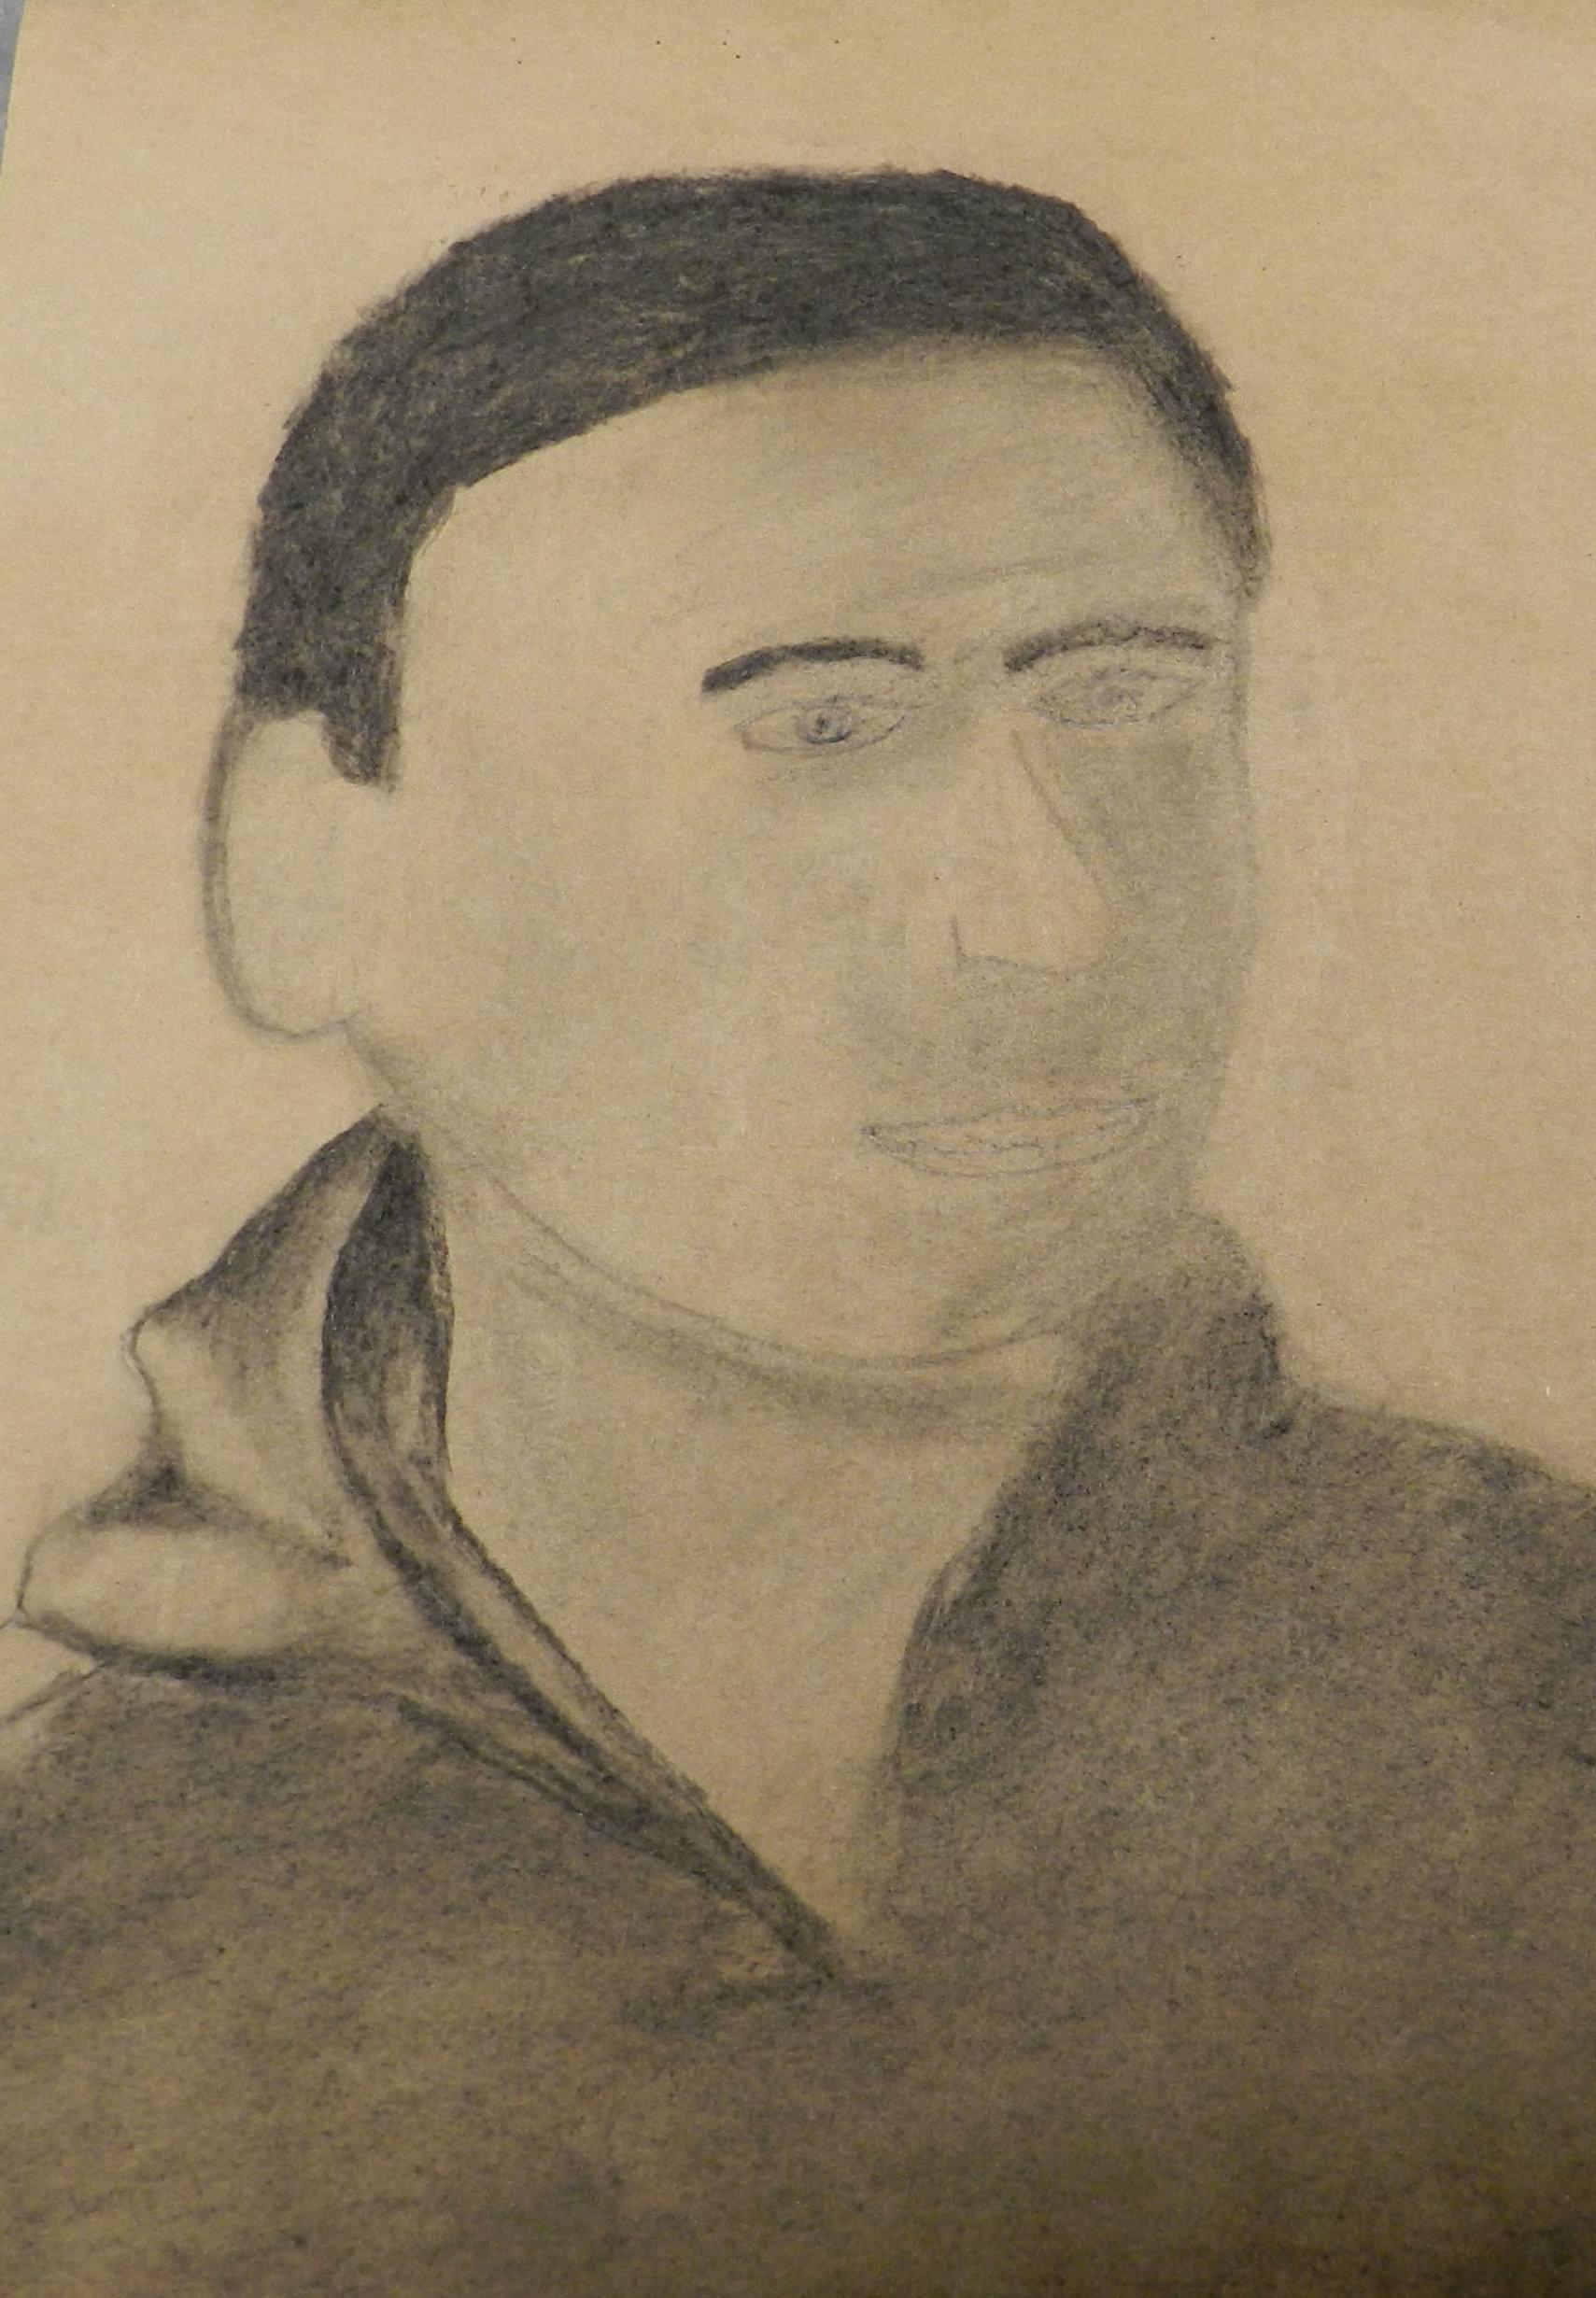 Dominic Shirripa